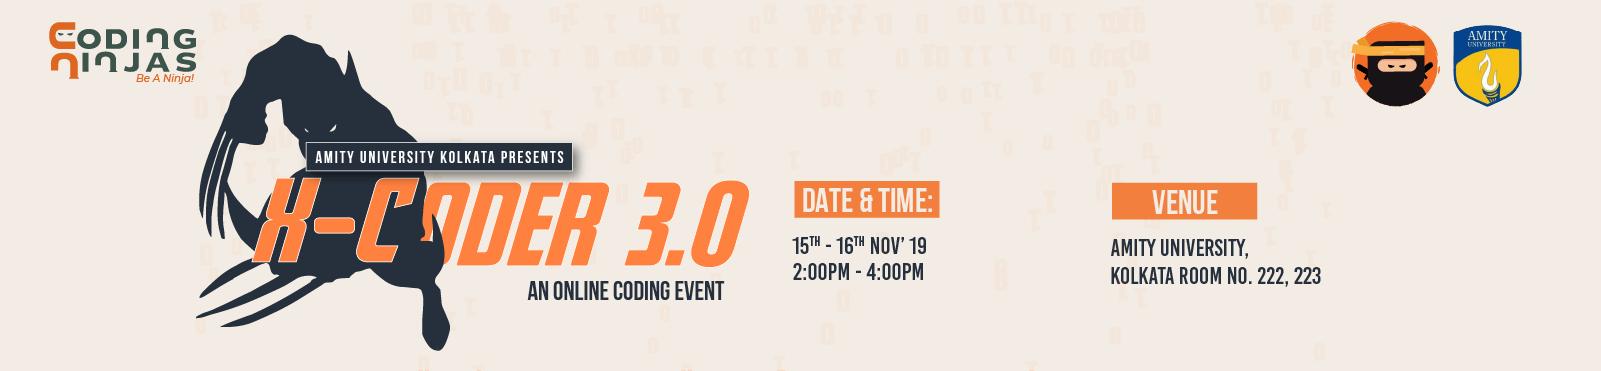 X-Coder 3.0 (Amity university)